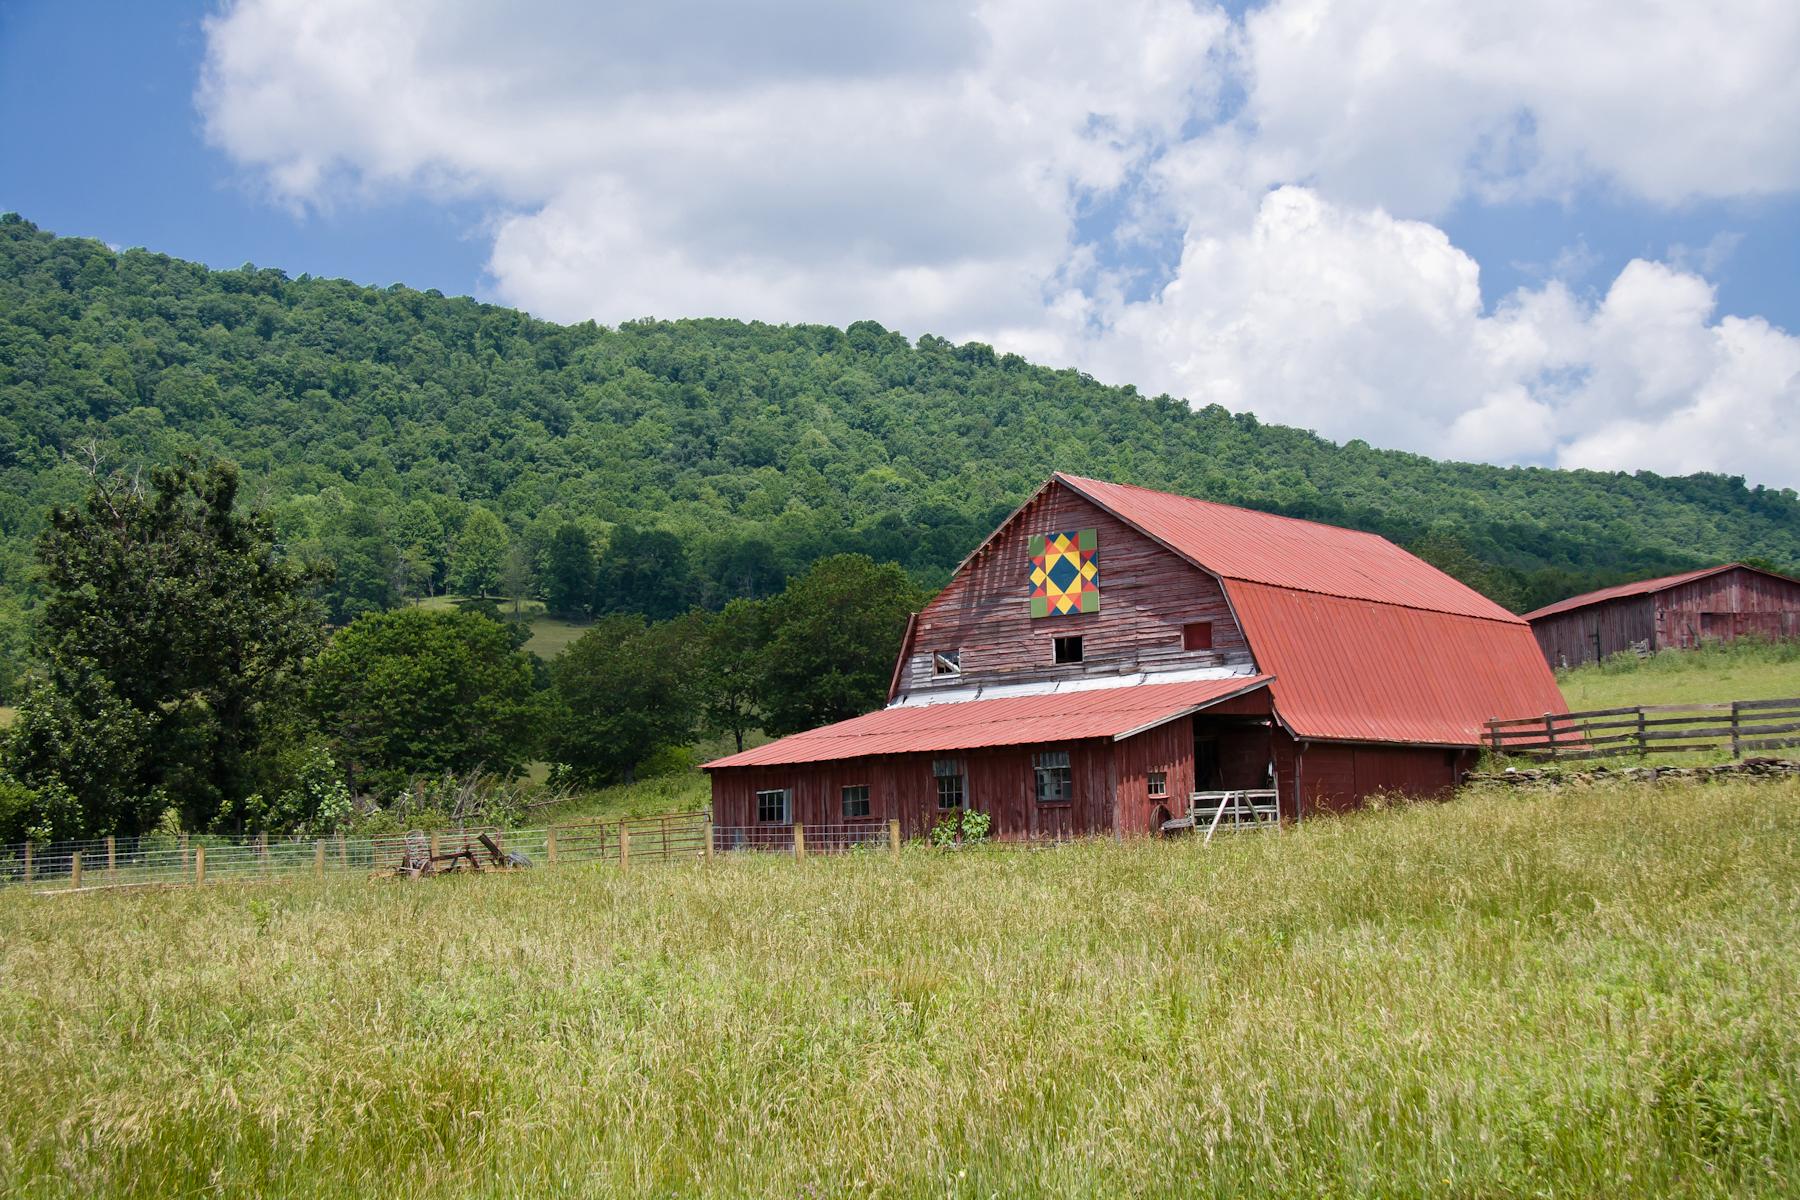 West Jefferson Barn Quilt Trail